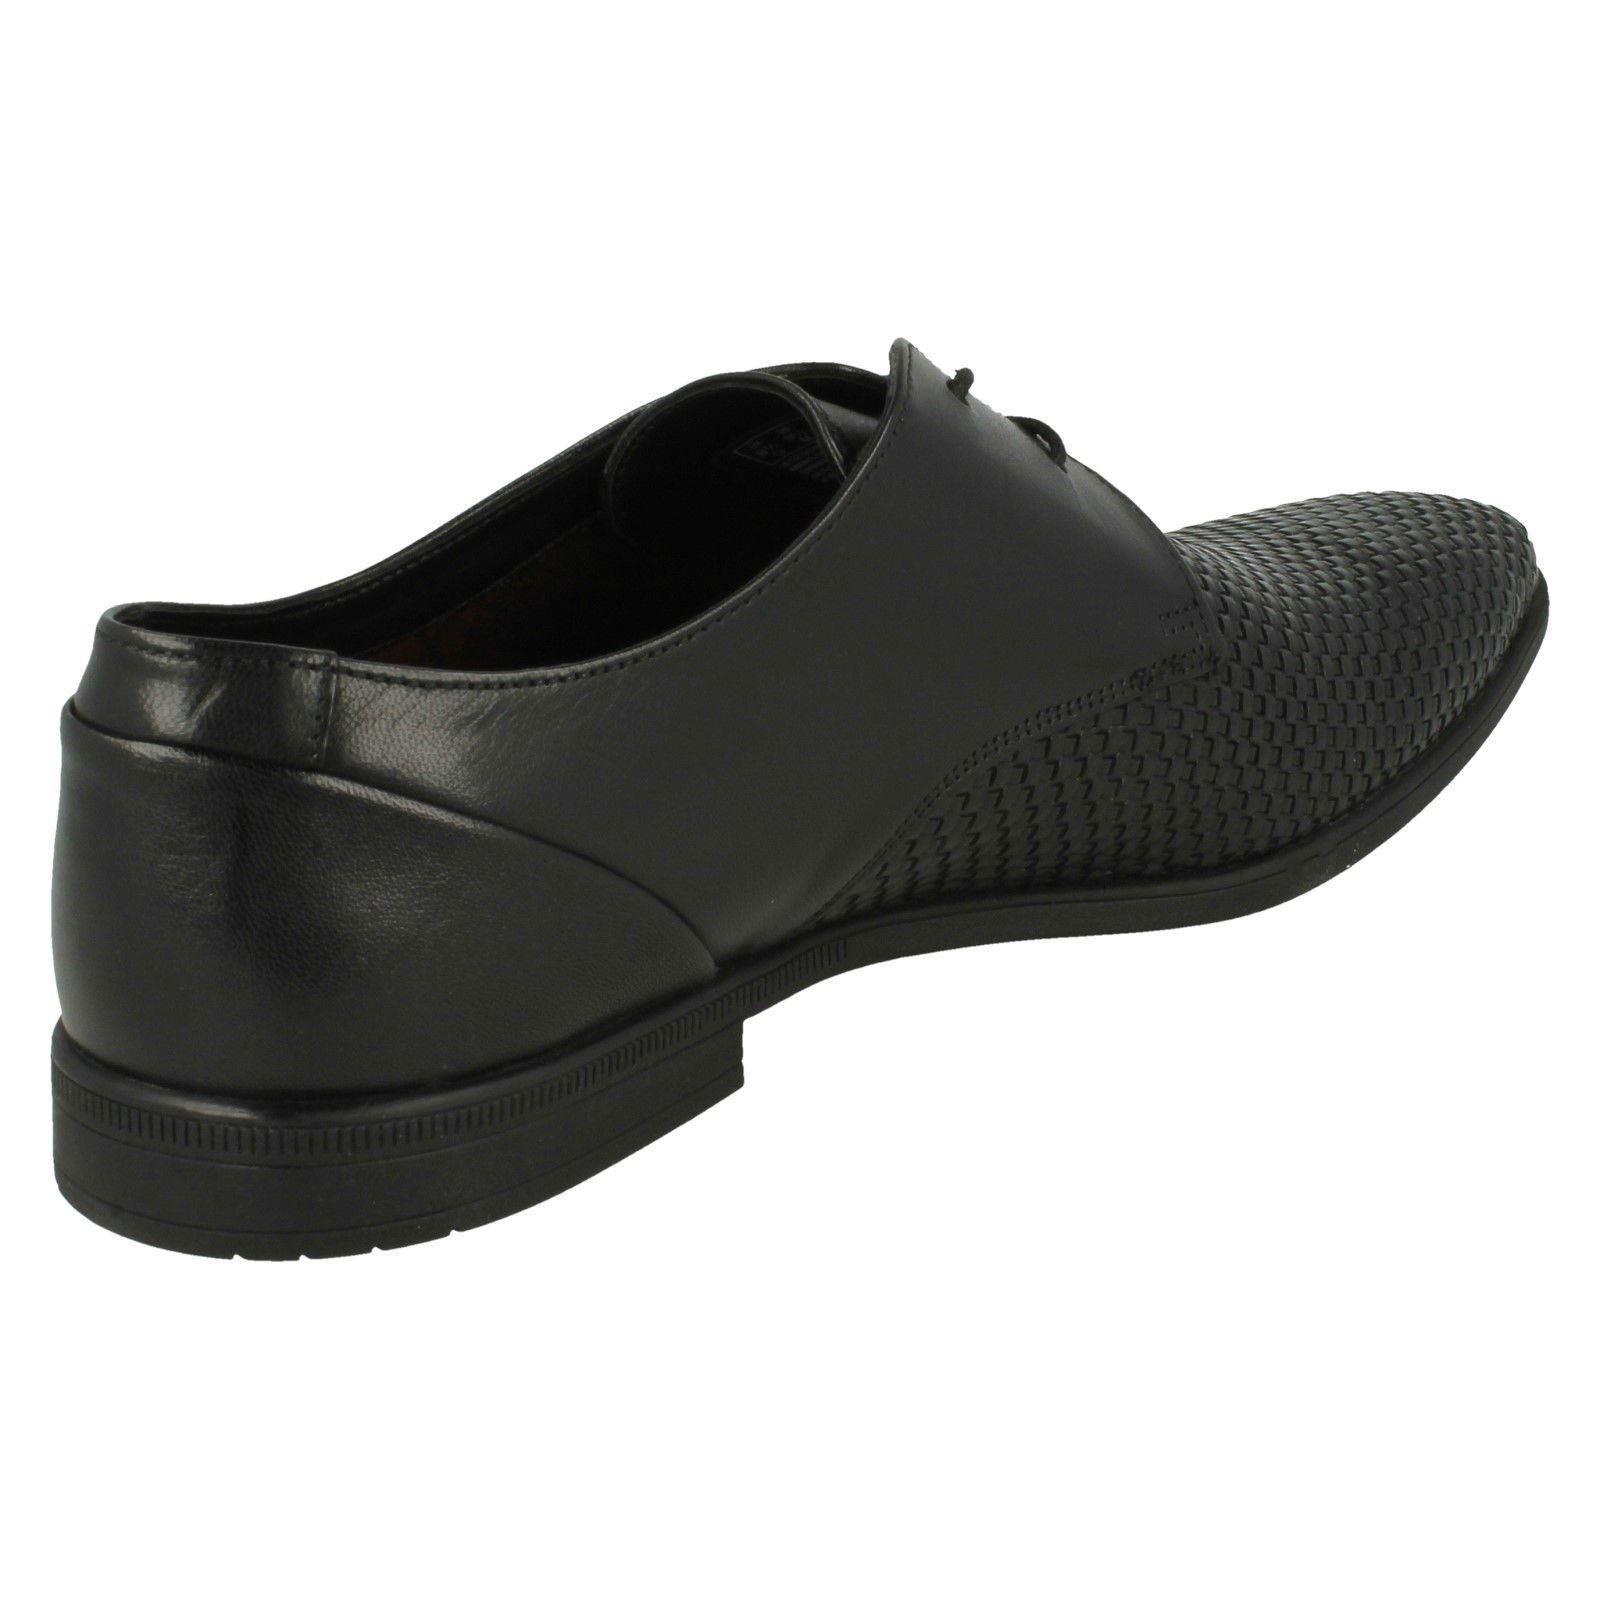 Weave Zapatos Bampton Cordones Con Elegante Hombre Clarks nwxpqEYw8U